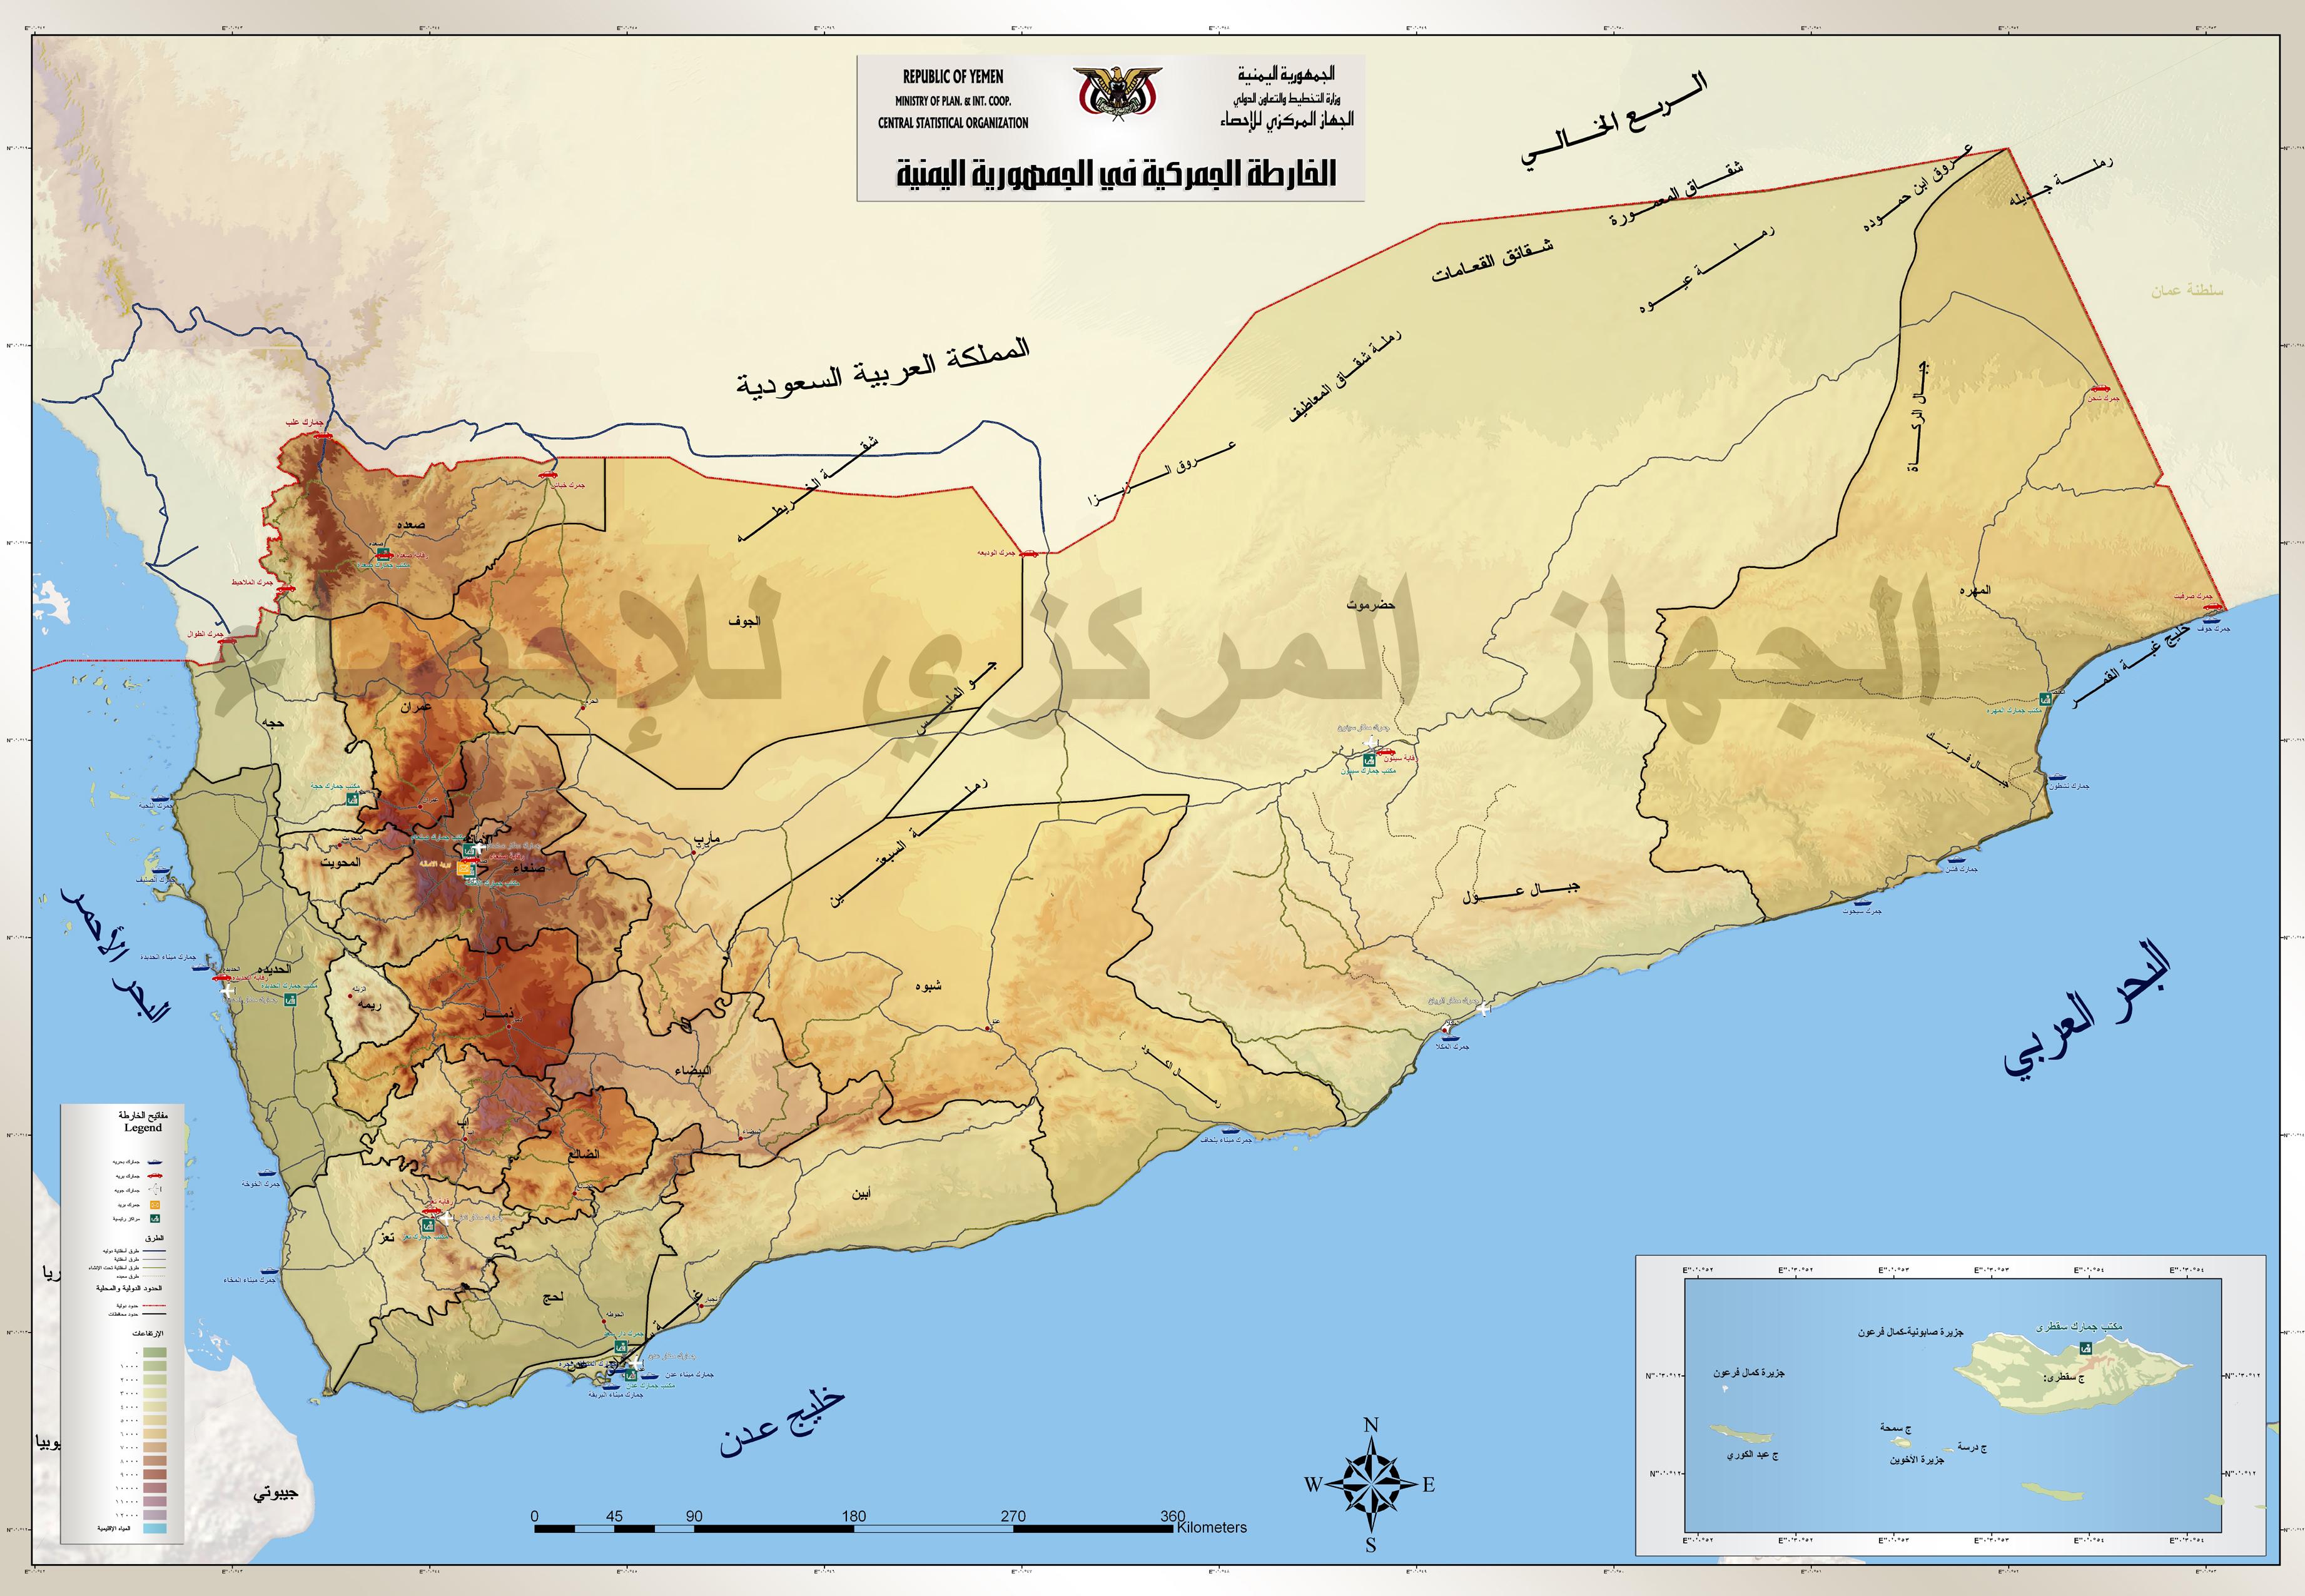 خرائط الجمهورية اليمنية